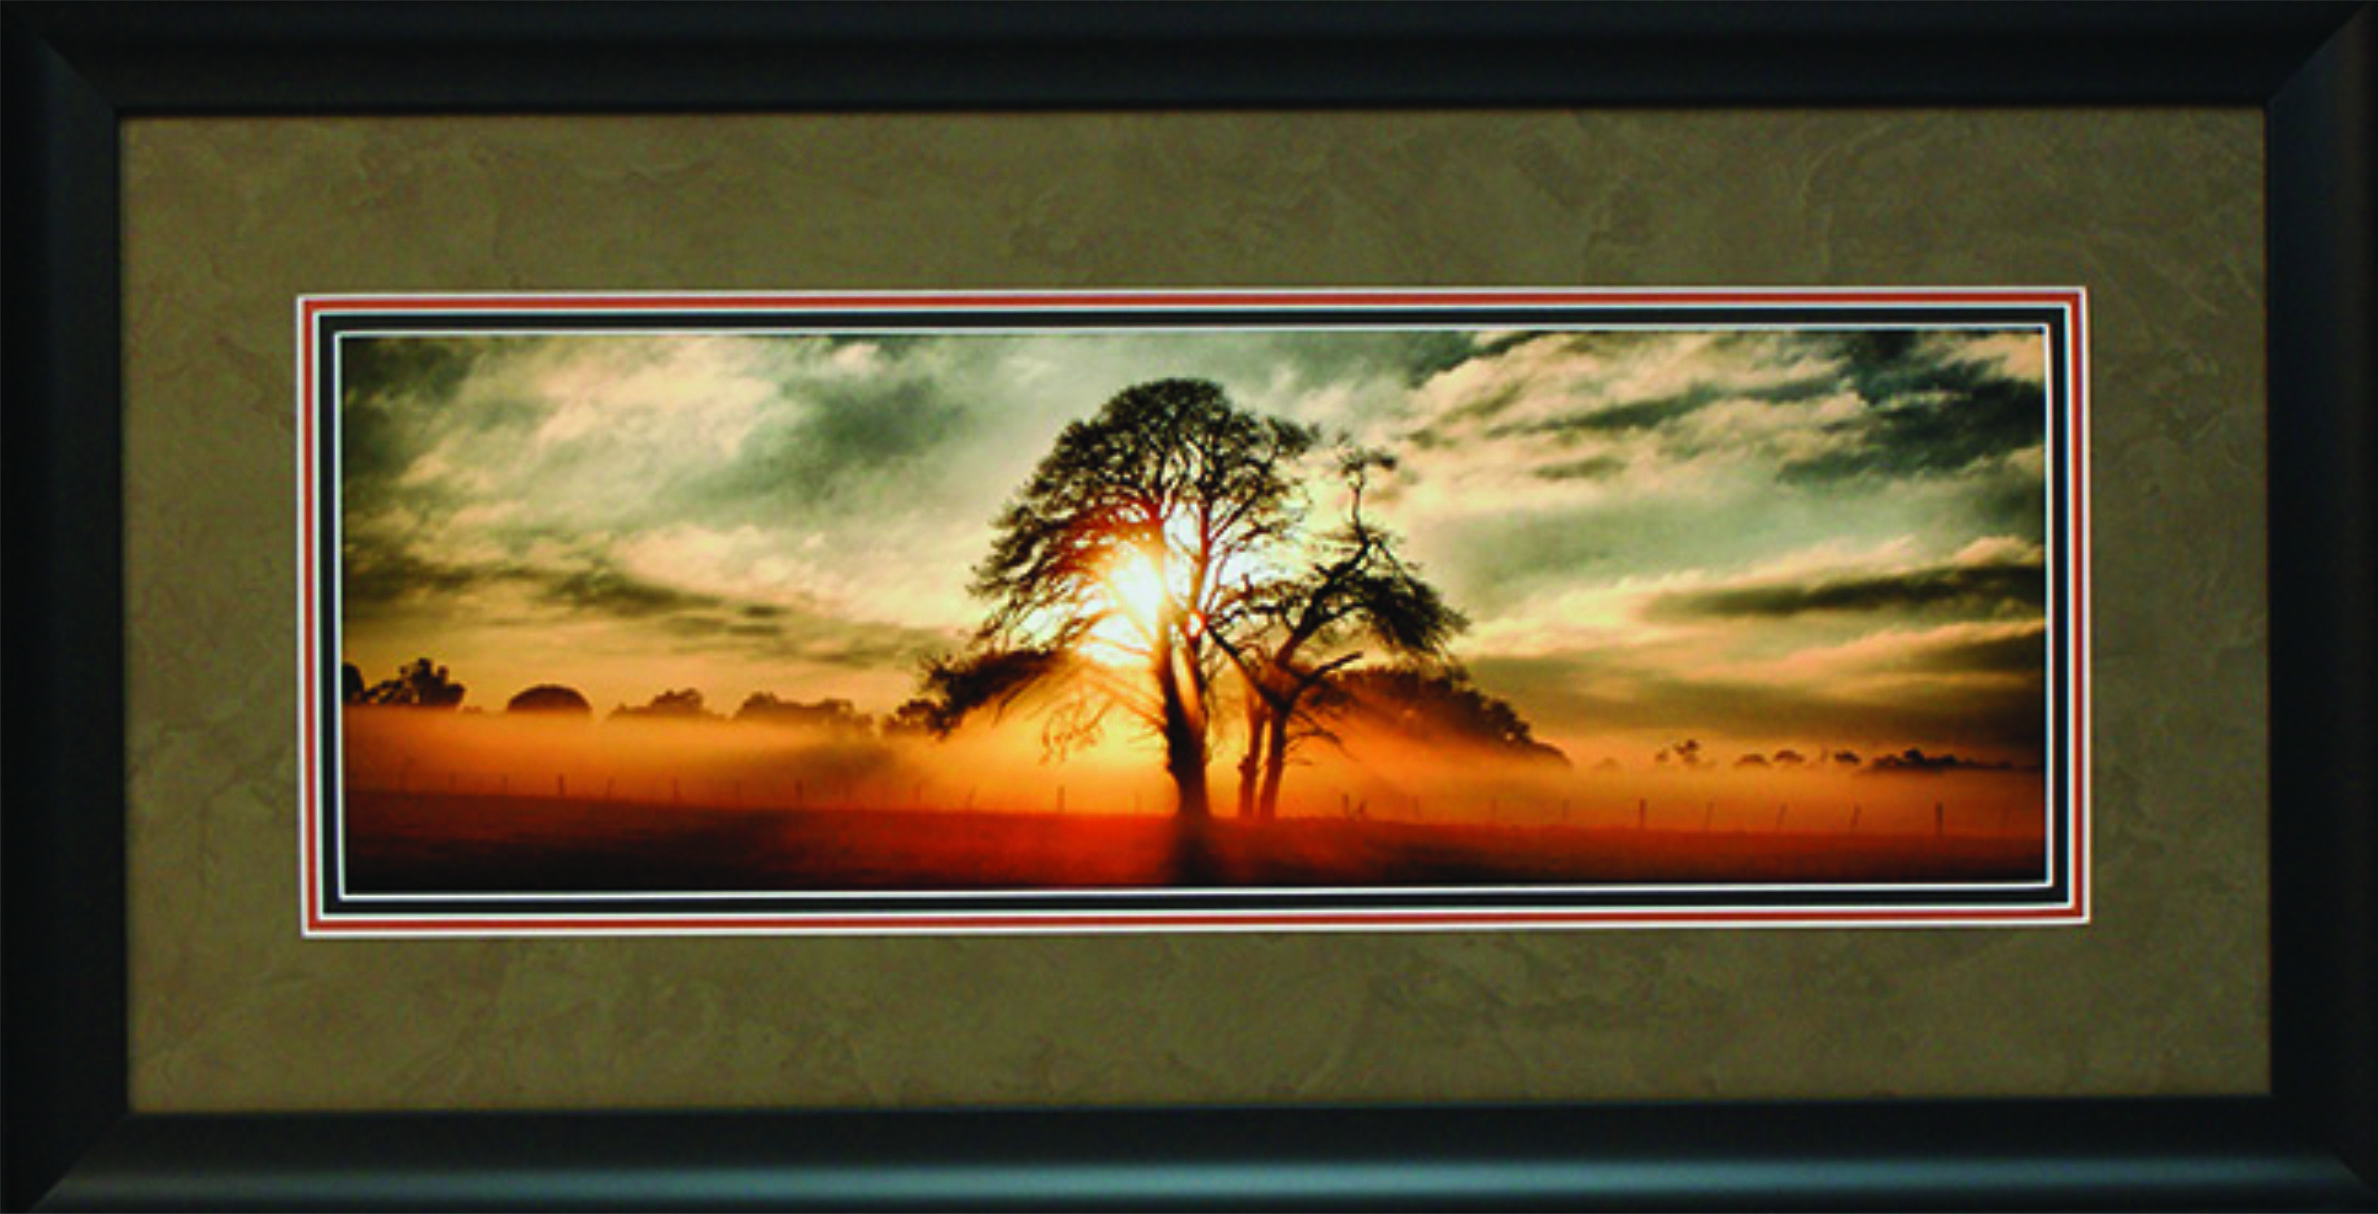 Framinge Edge- Custom Framing, Sports Memorabilia